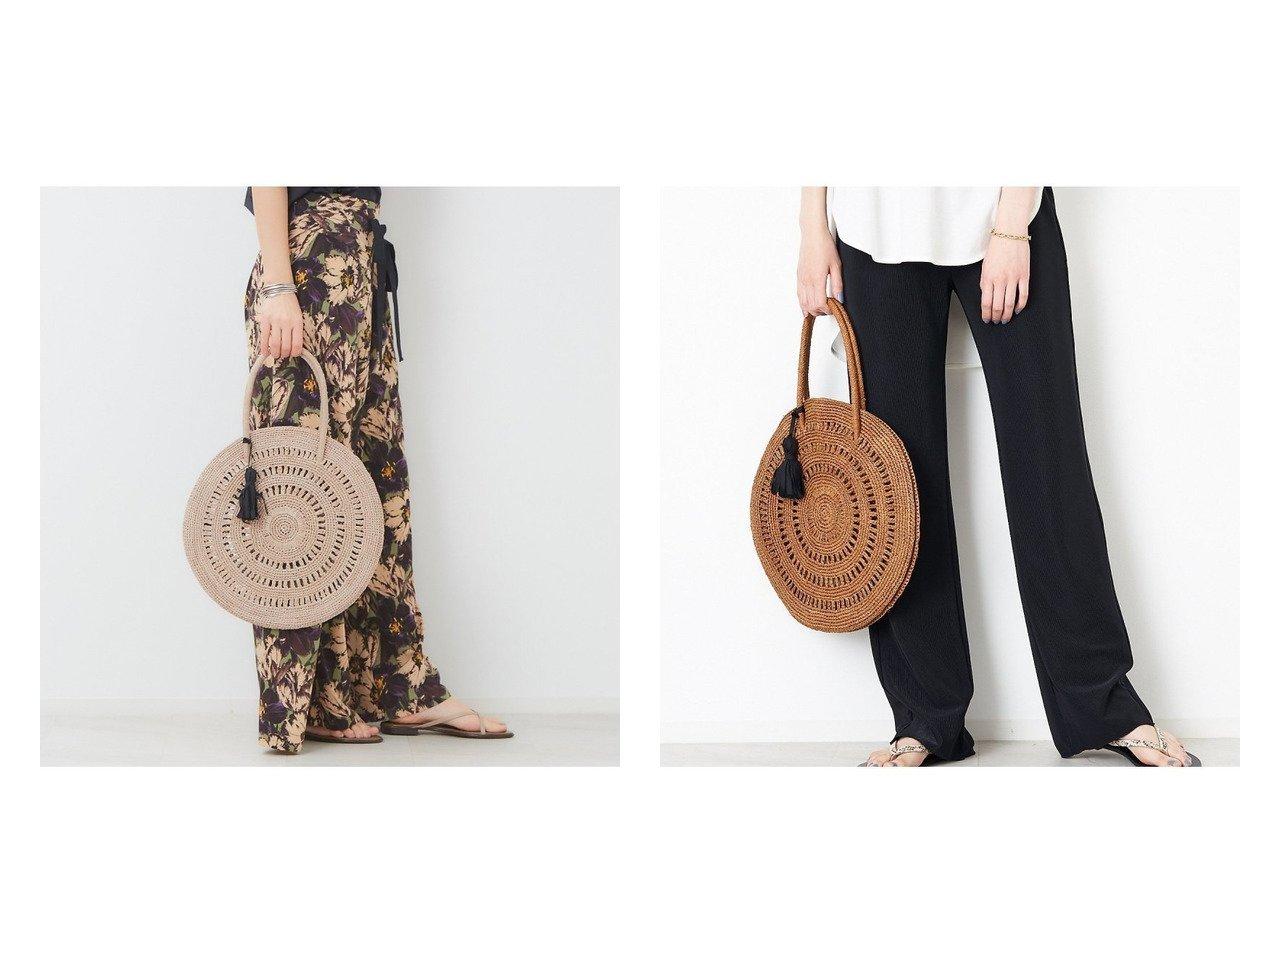 【Rouge vif la cle/ルージュヴィフラクレ】の【MAISON N.H PARIS】 サークルバッグM 【バッグ・鞄】おすすめ!人気、トレンド・レディースファッションの通販  おすすめで人気の流行・トレンド、ファッションの通販商品 メンズファッション・キッズファッション・インテリア・家具・レディースファッション・服の通販 founy(ファニー) https://founy.com/ ファッション Fashion レディースファッション WOMEN バッグ Bag サークル リゾート 人気 |ID:crp329100000027388